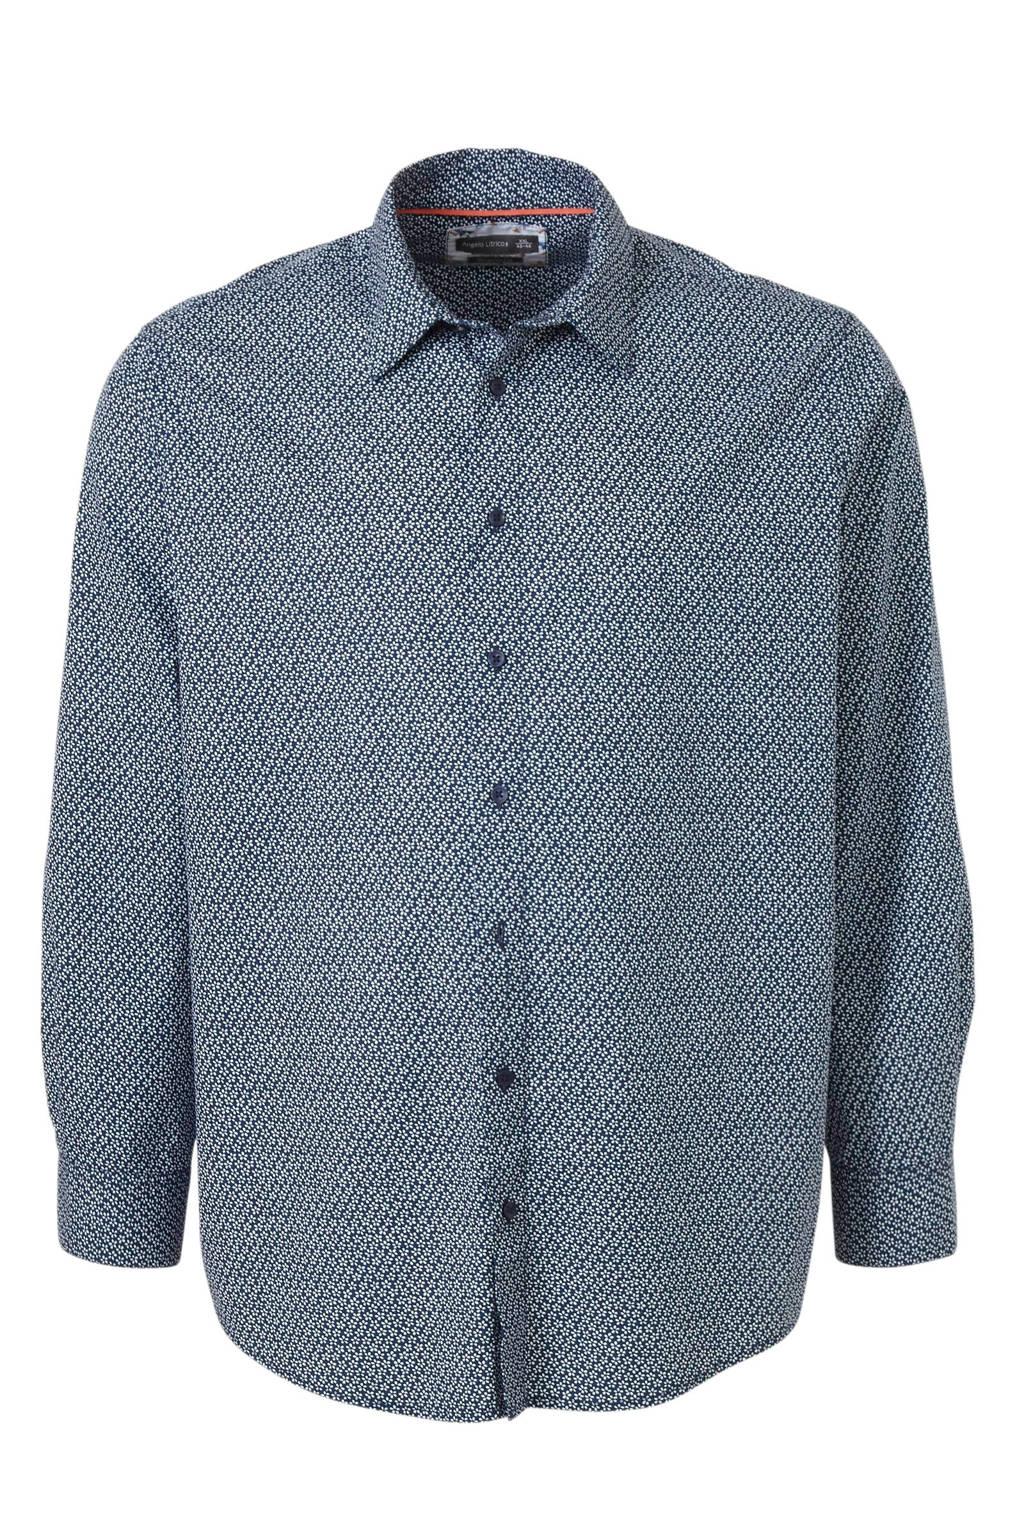 C&A regular fit overhemd met all over print blauw, Blauw